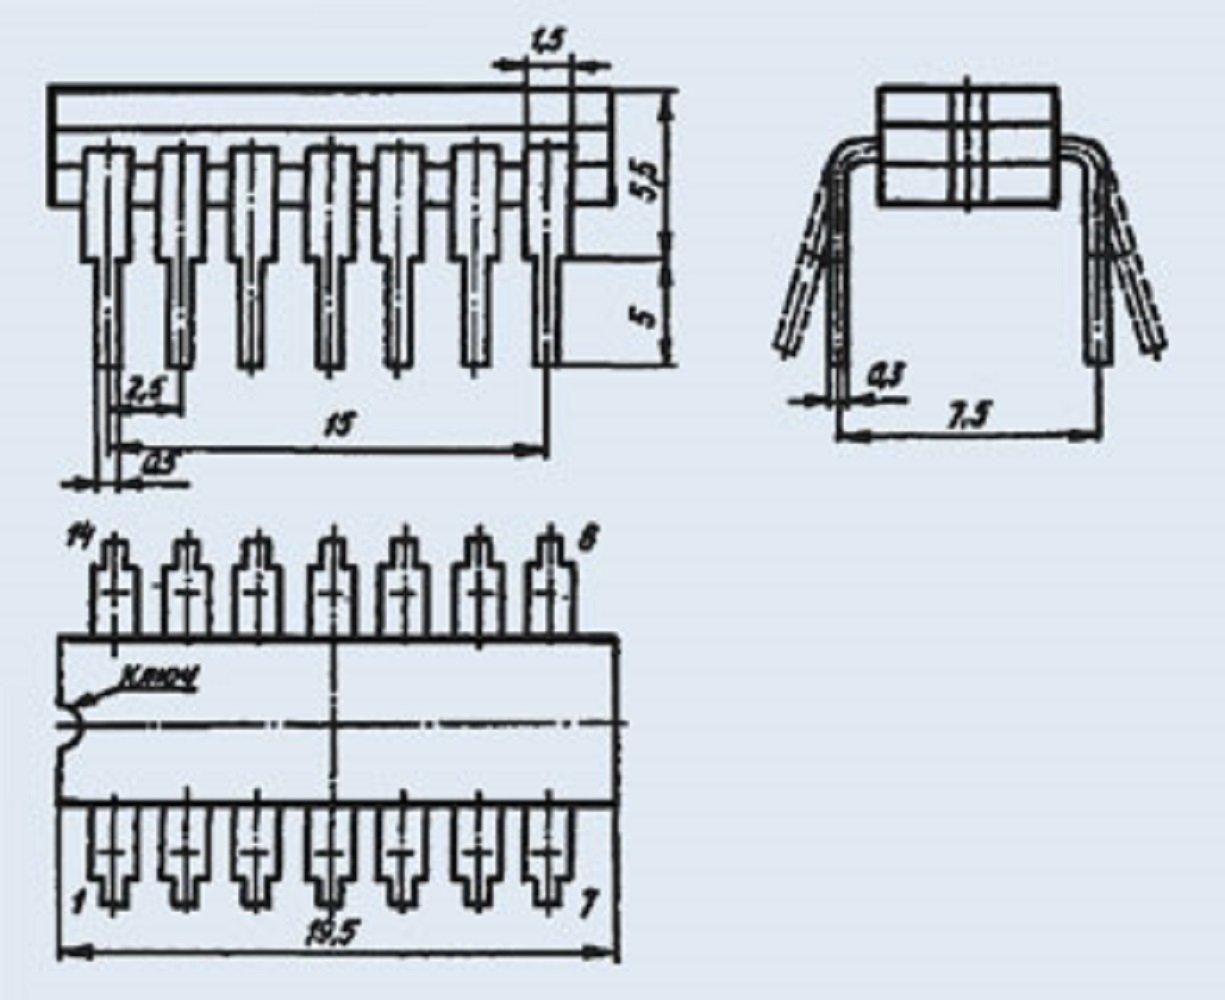 Microchip USSR  Lot of 4 pcs KM155LA4 = 7410PC  IC